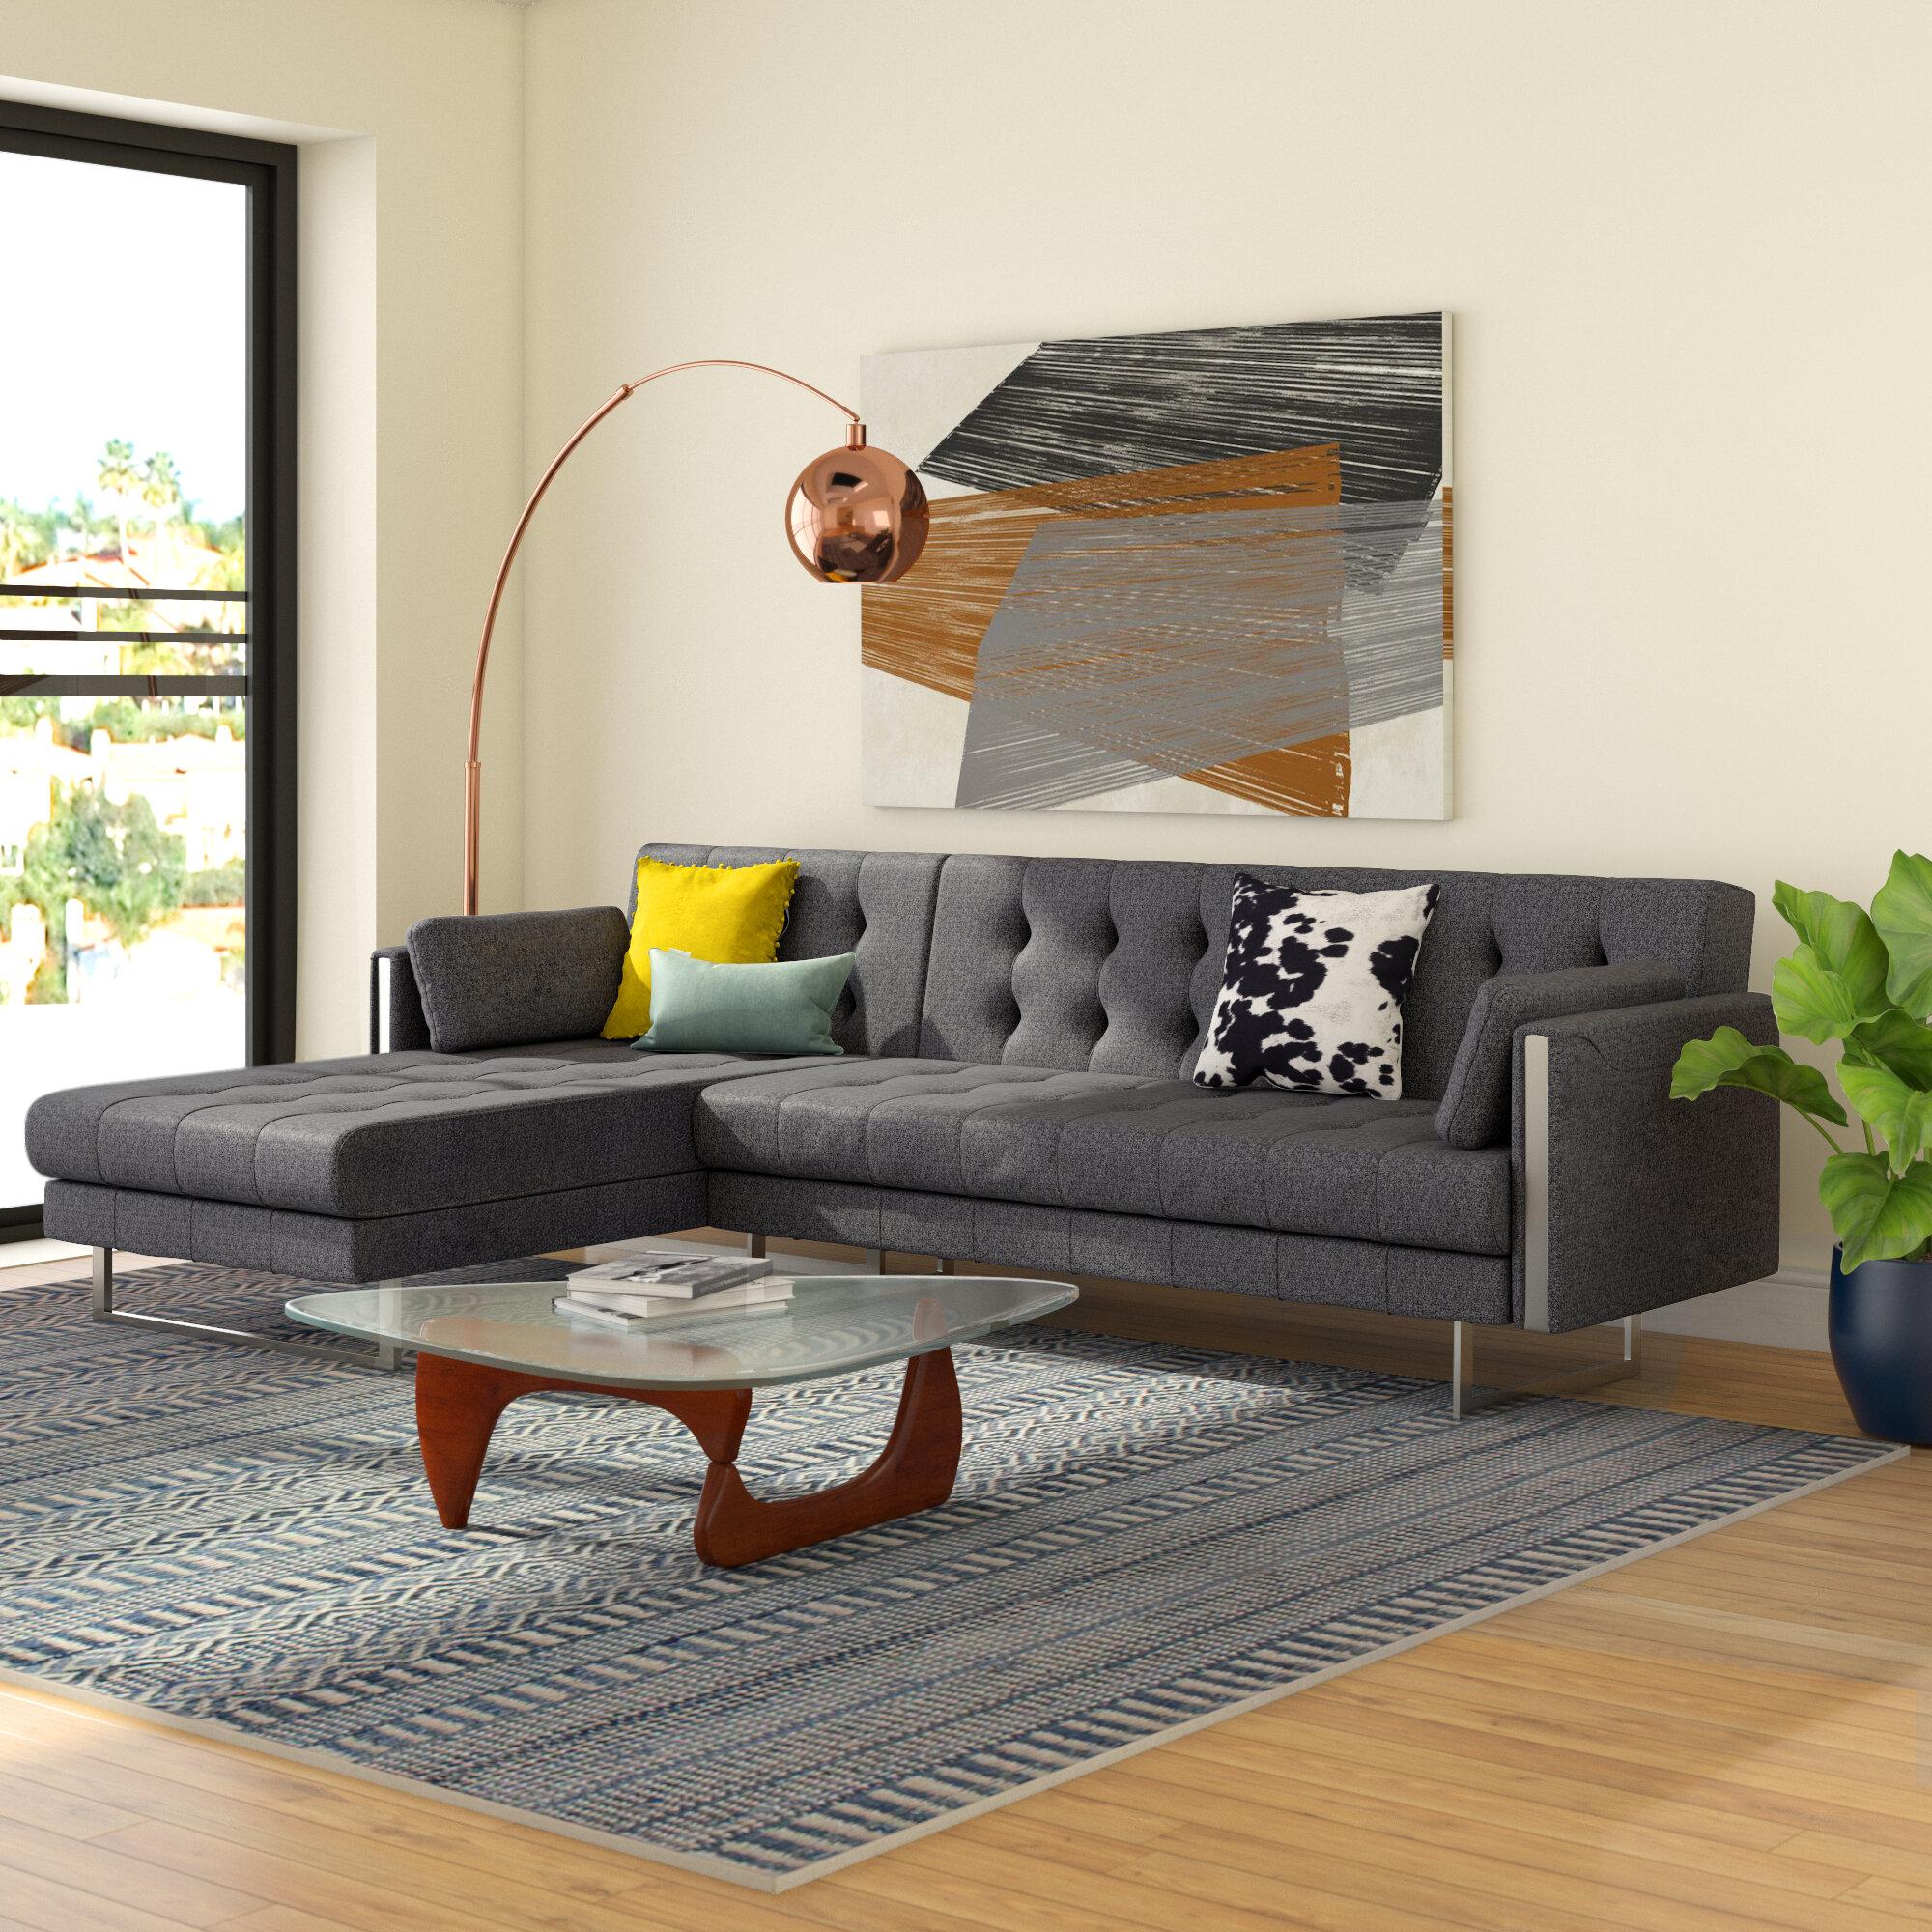 Merveilleux Alessia Sofa Bed